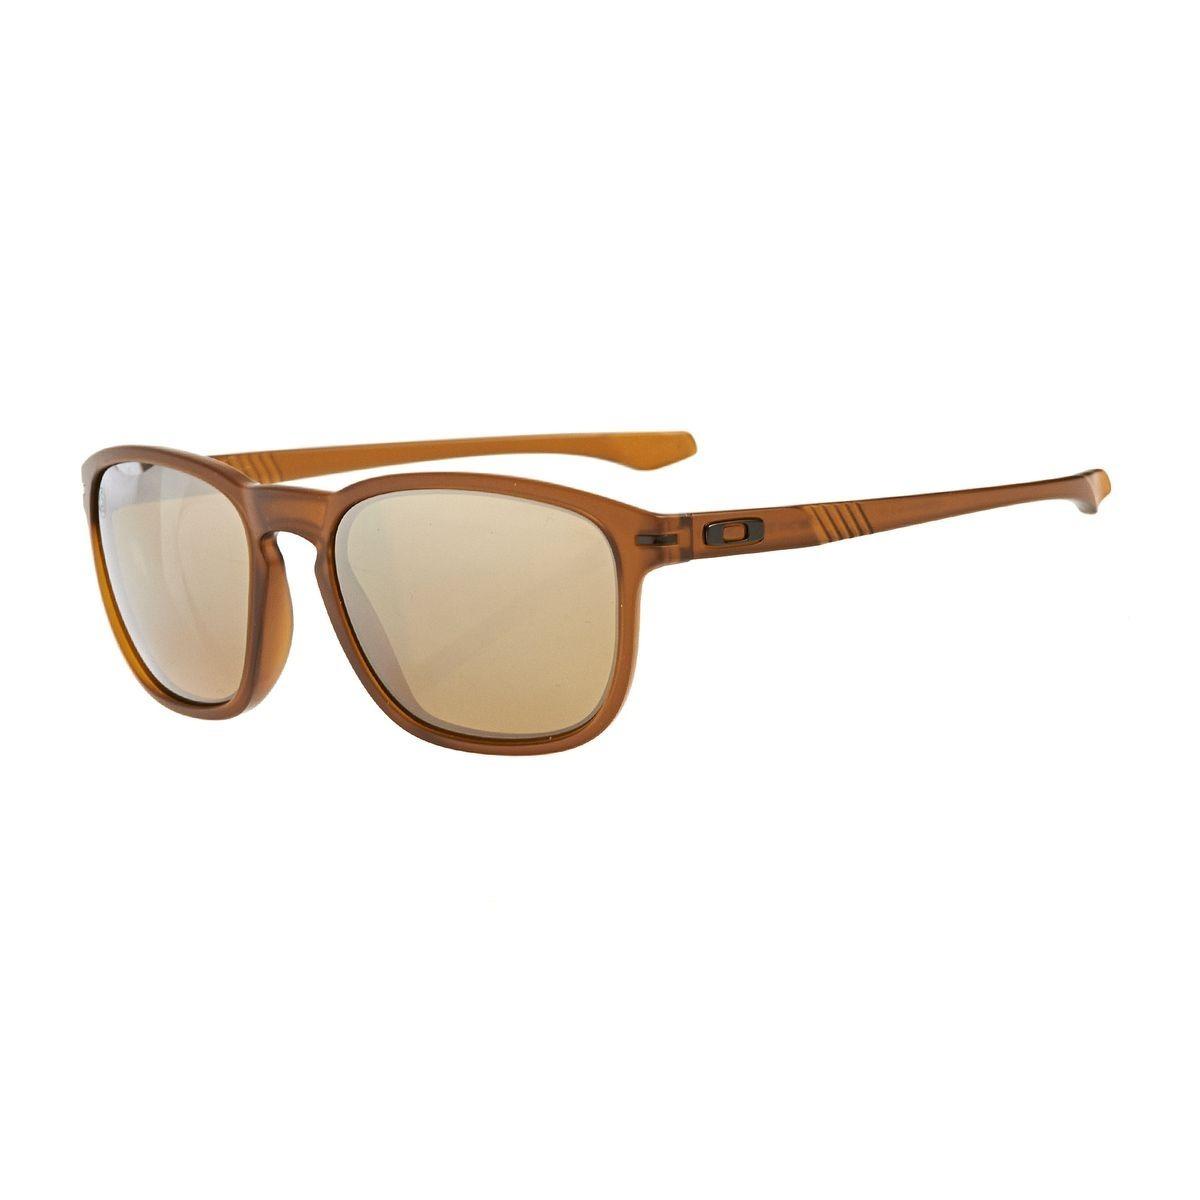 6854141ad9ad2 óculos de sol masculino oakley enduro oo9223-40 original. Carregando zoom.